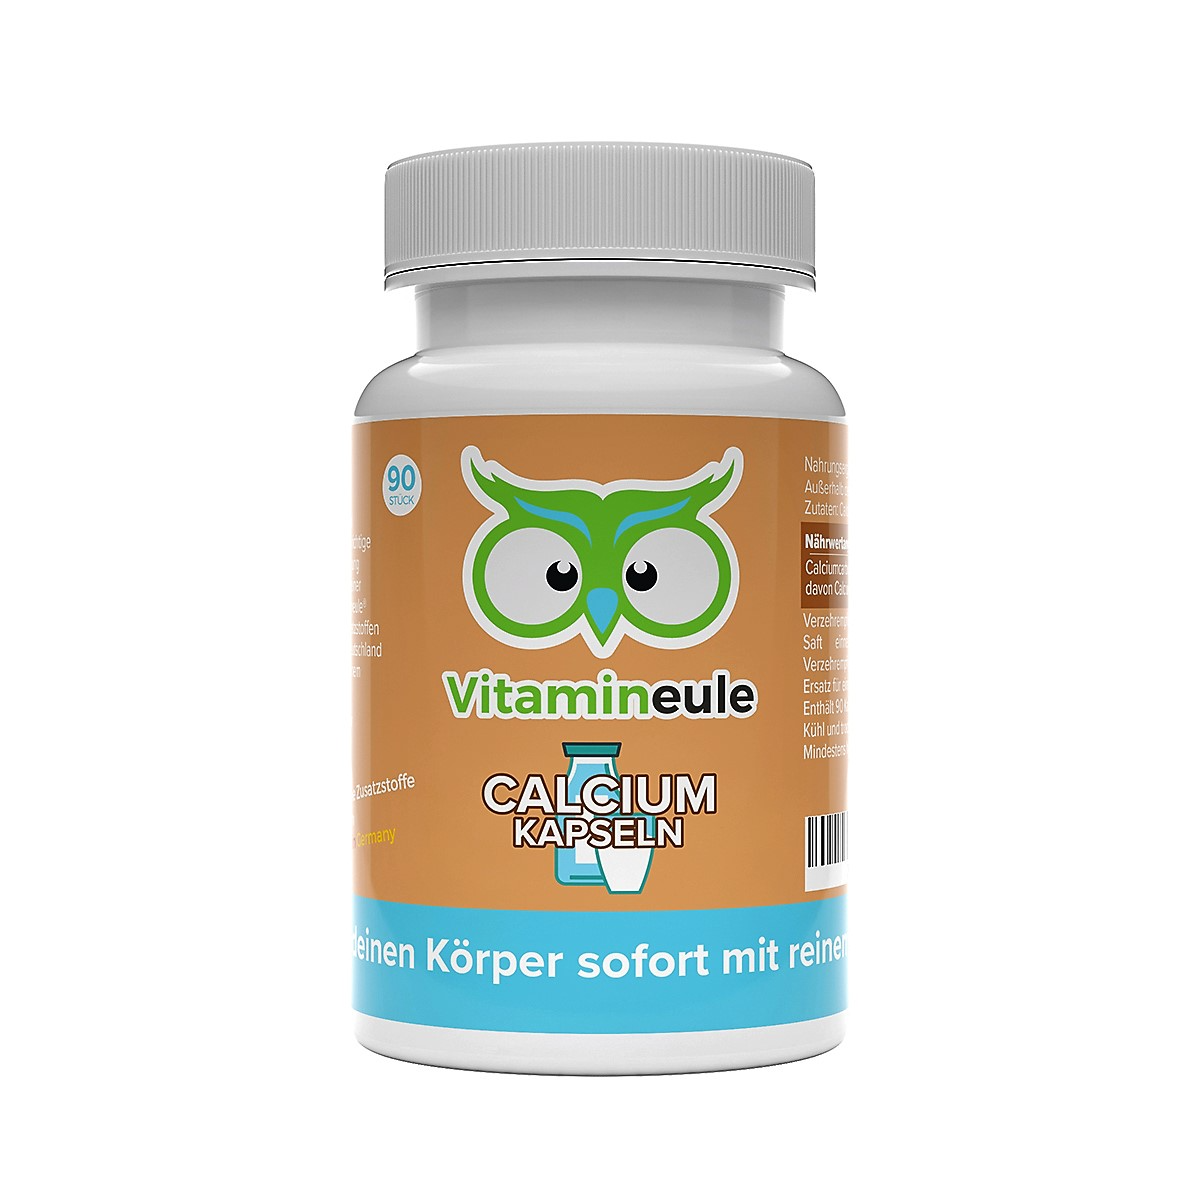 Calcium Kapseln von Vitamineule